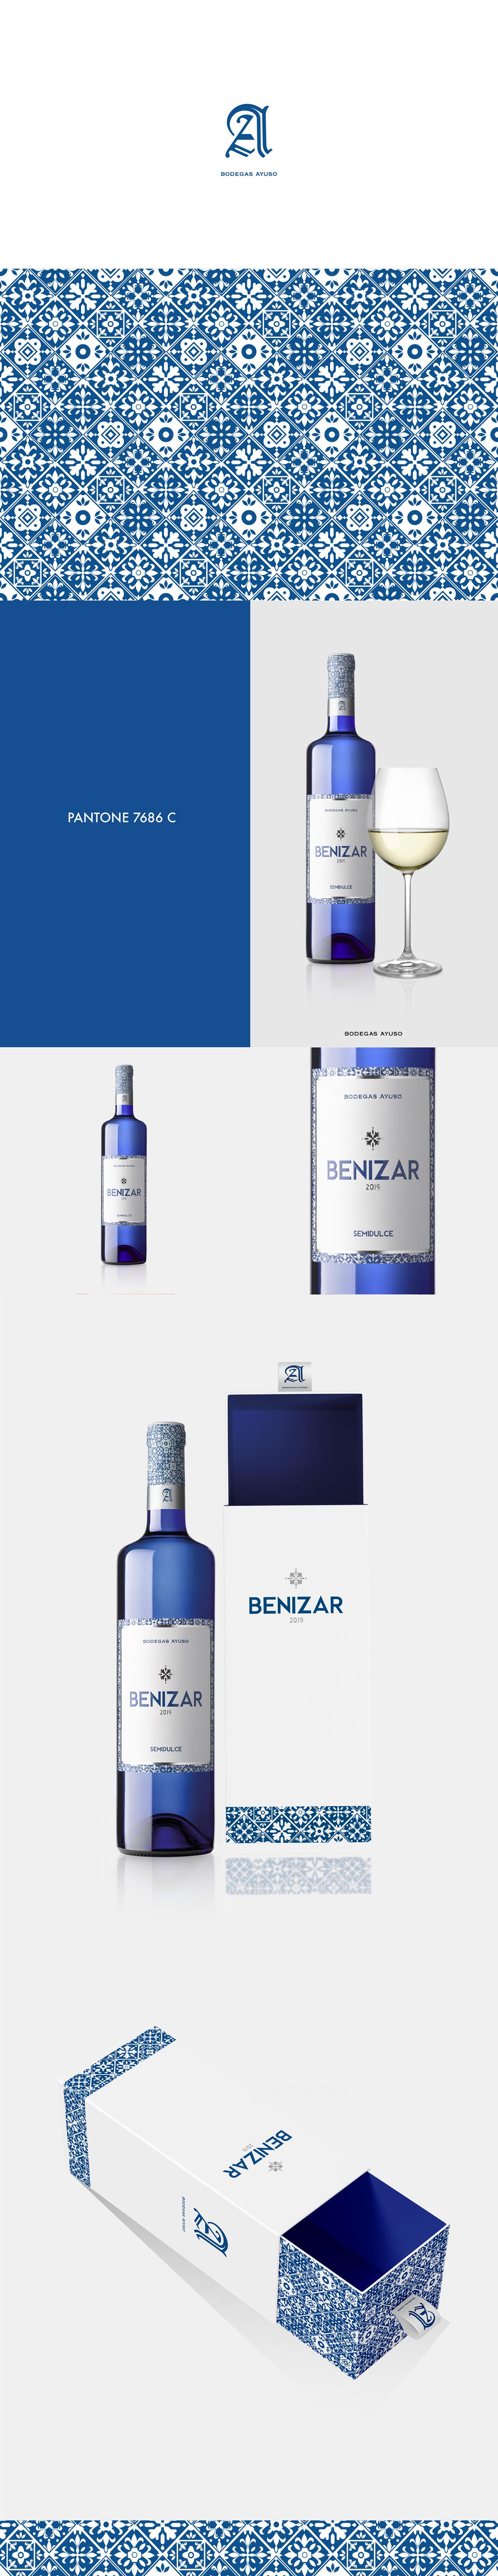 botella design etiquetas ilustracion Label Packaging vino wine